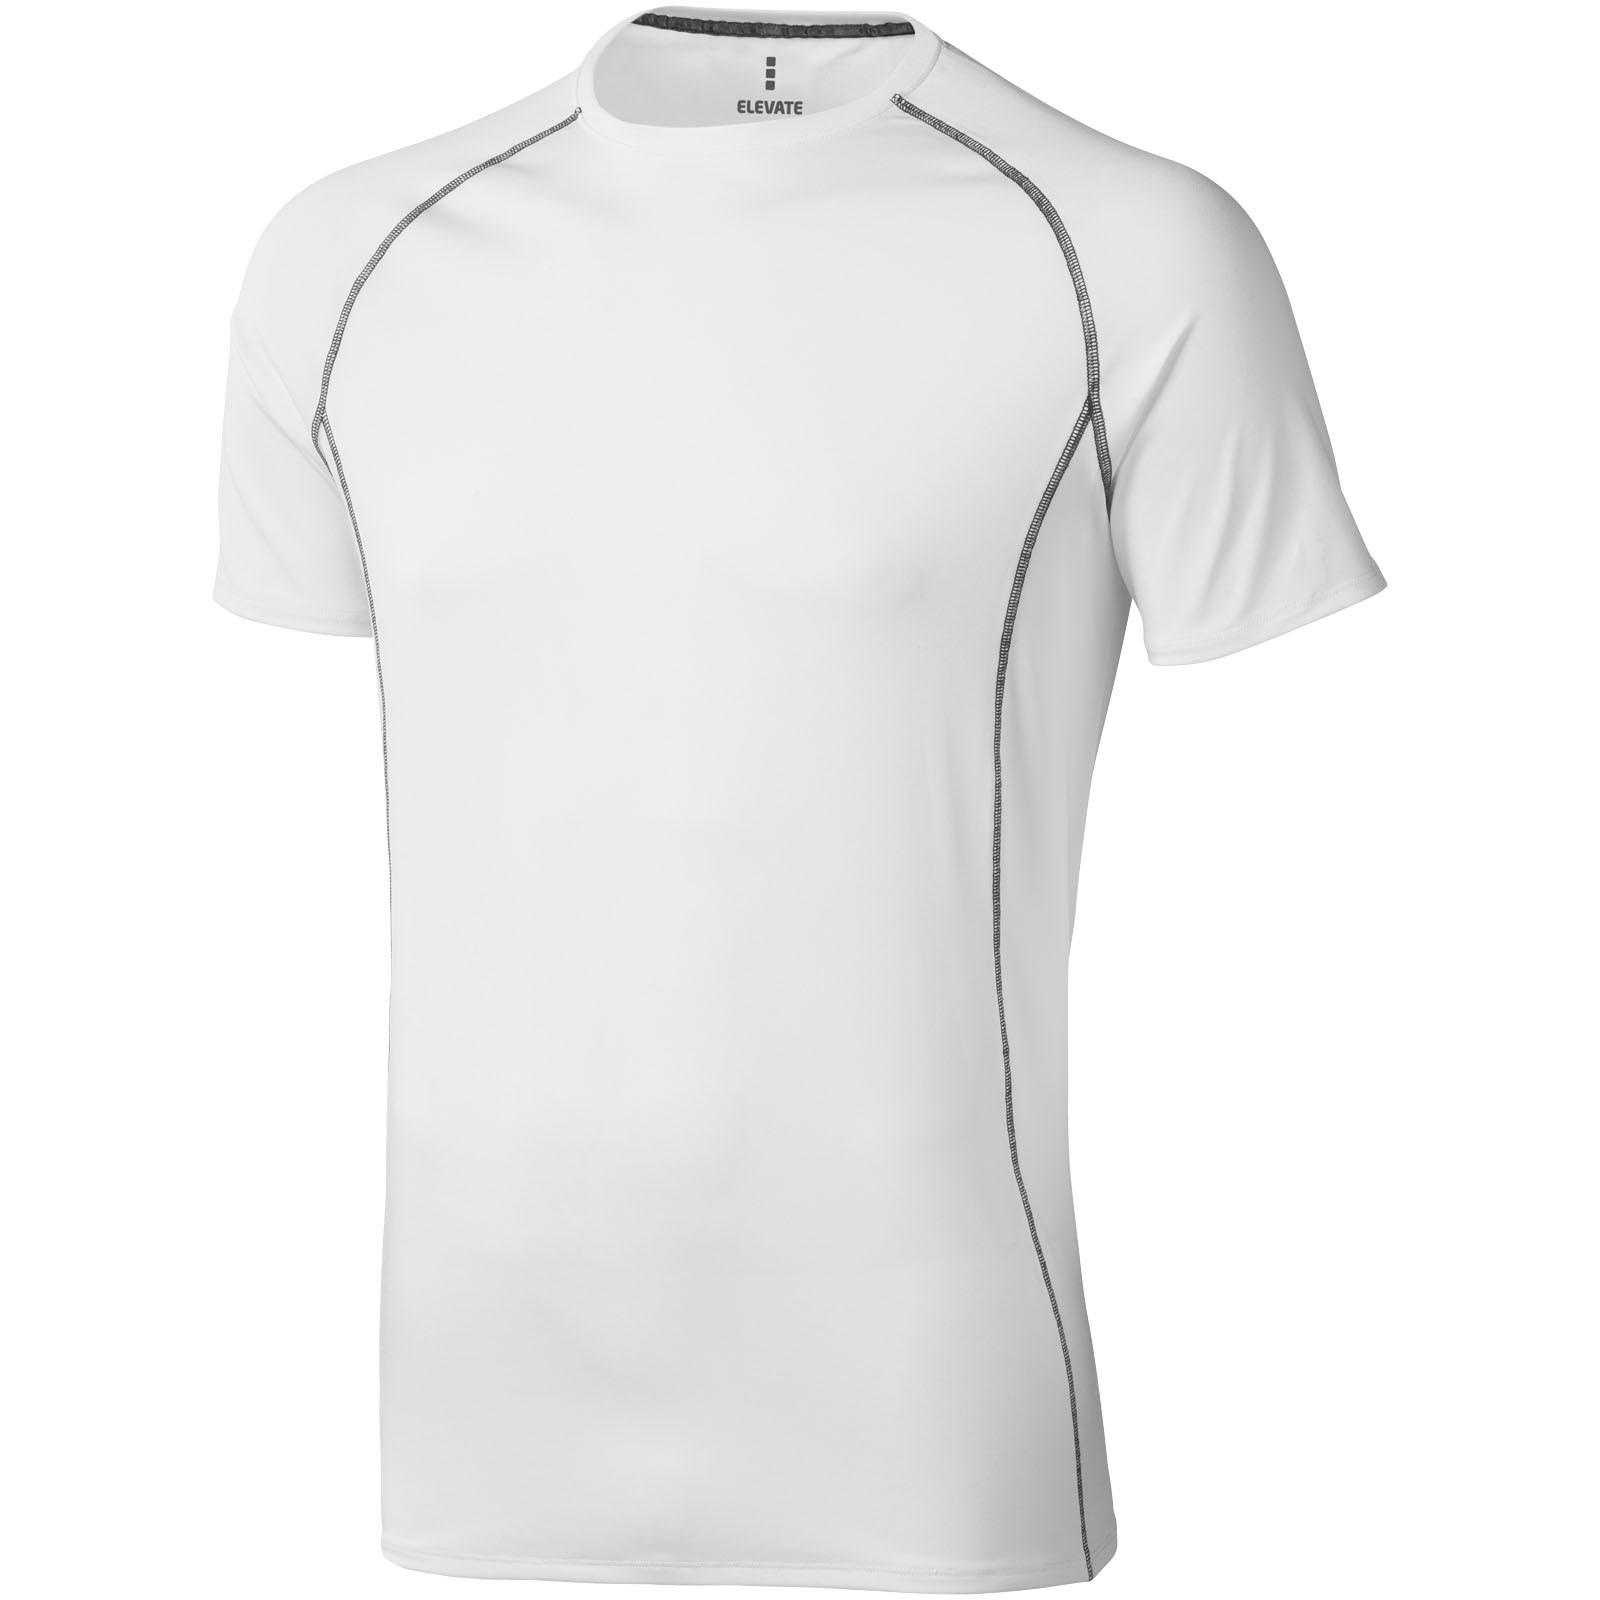 Pánské triko Kingston s krátkým rukávem, s povrchovou úpravo - White Solid / XXL